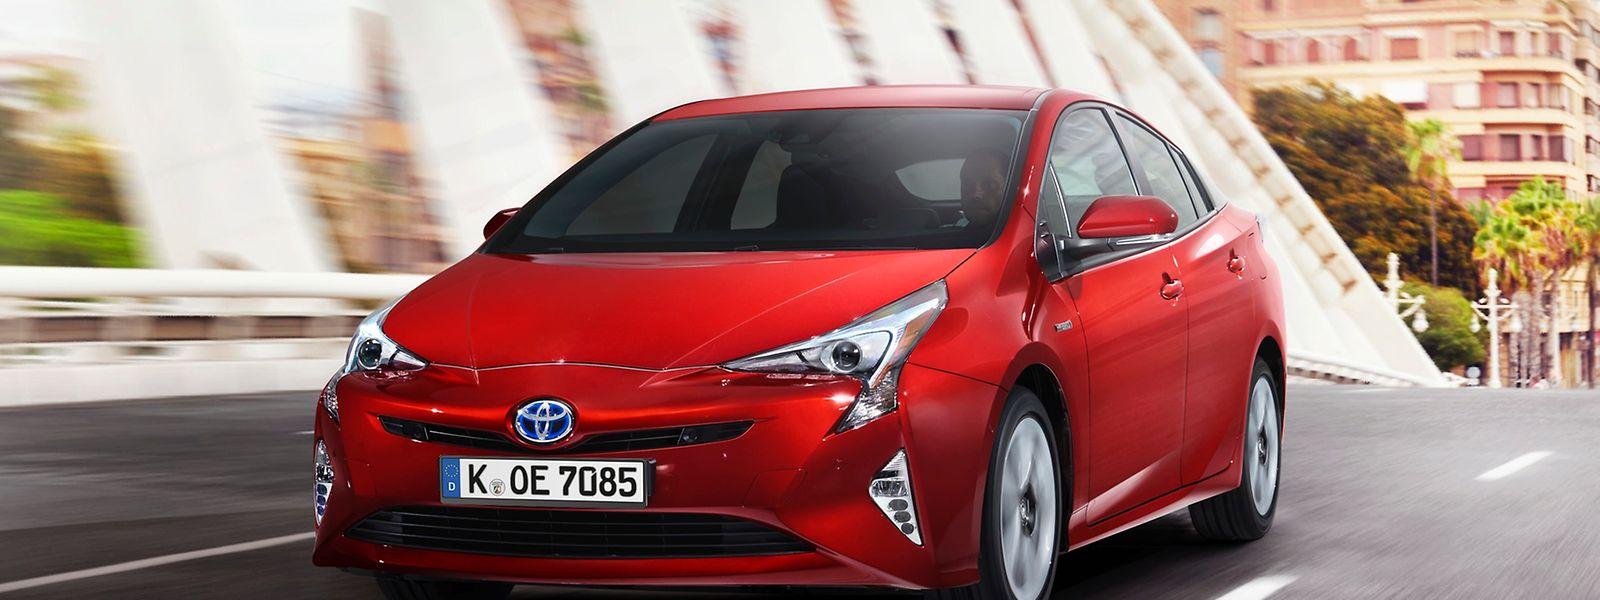 Der Toyota Prius kommt laut Toyota auf einen Normverbrauch von drei Litern je 100 Kilometer.